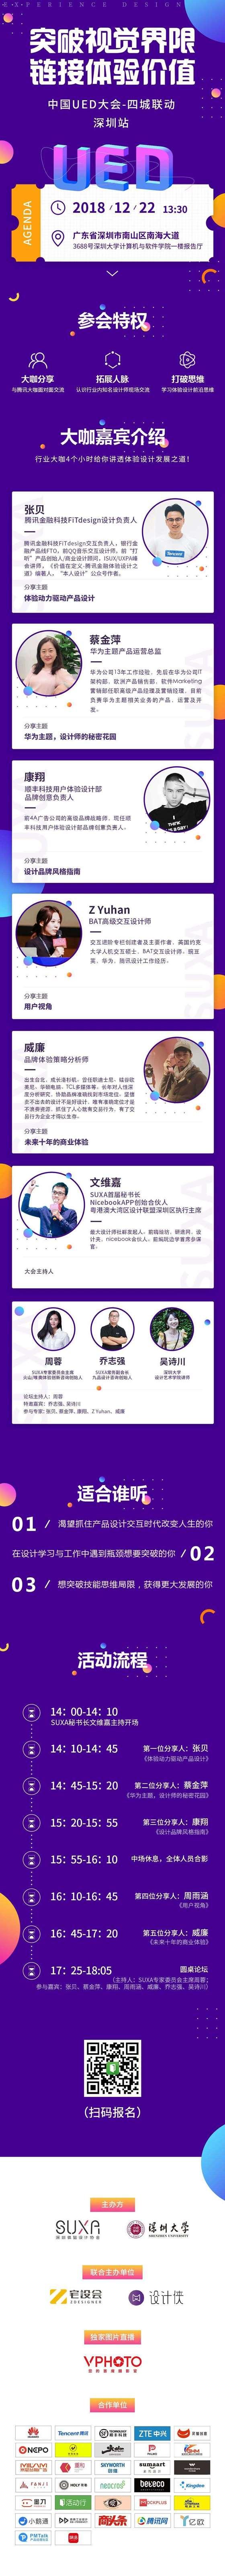 三城联动深圳站11.jpg